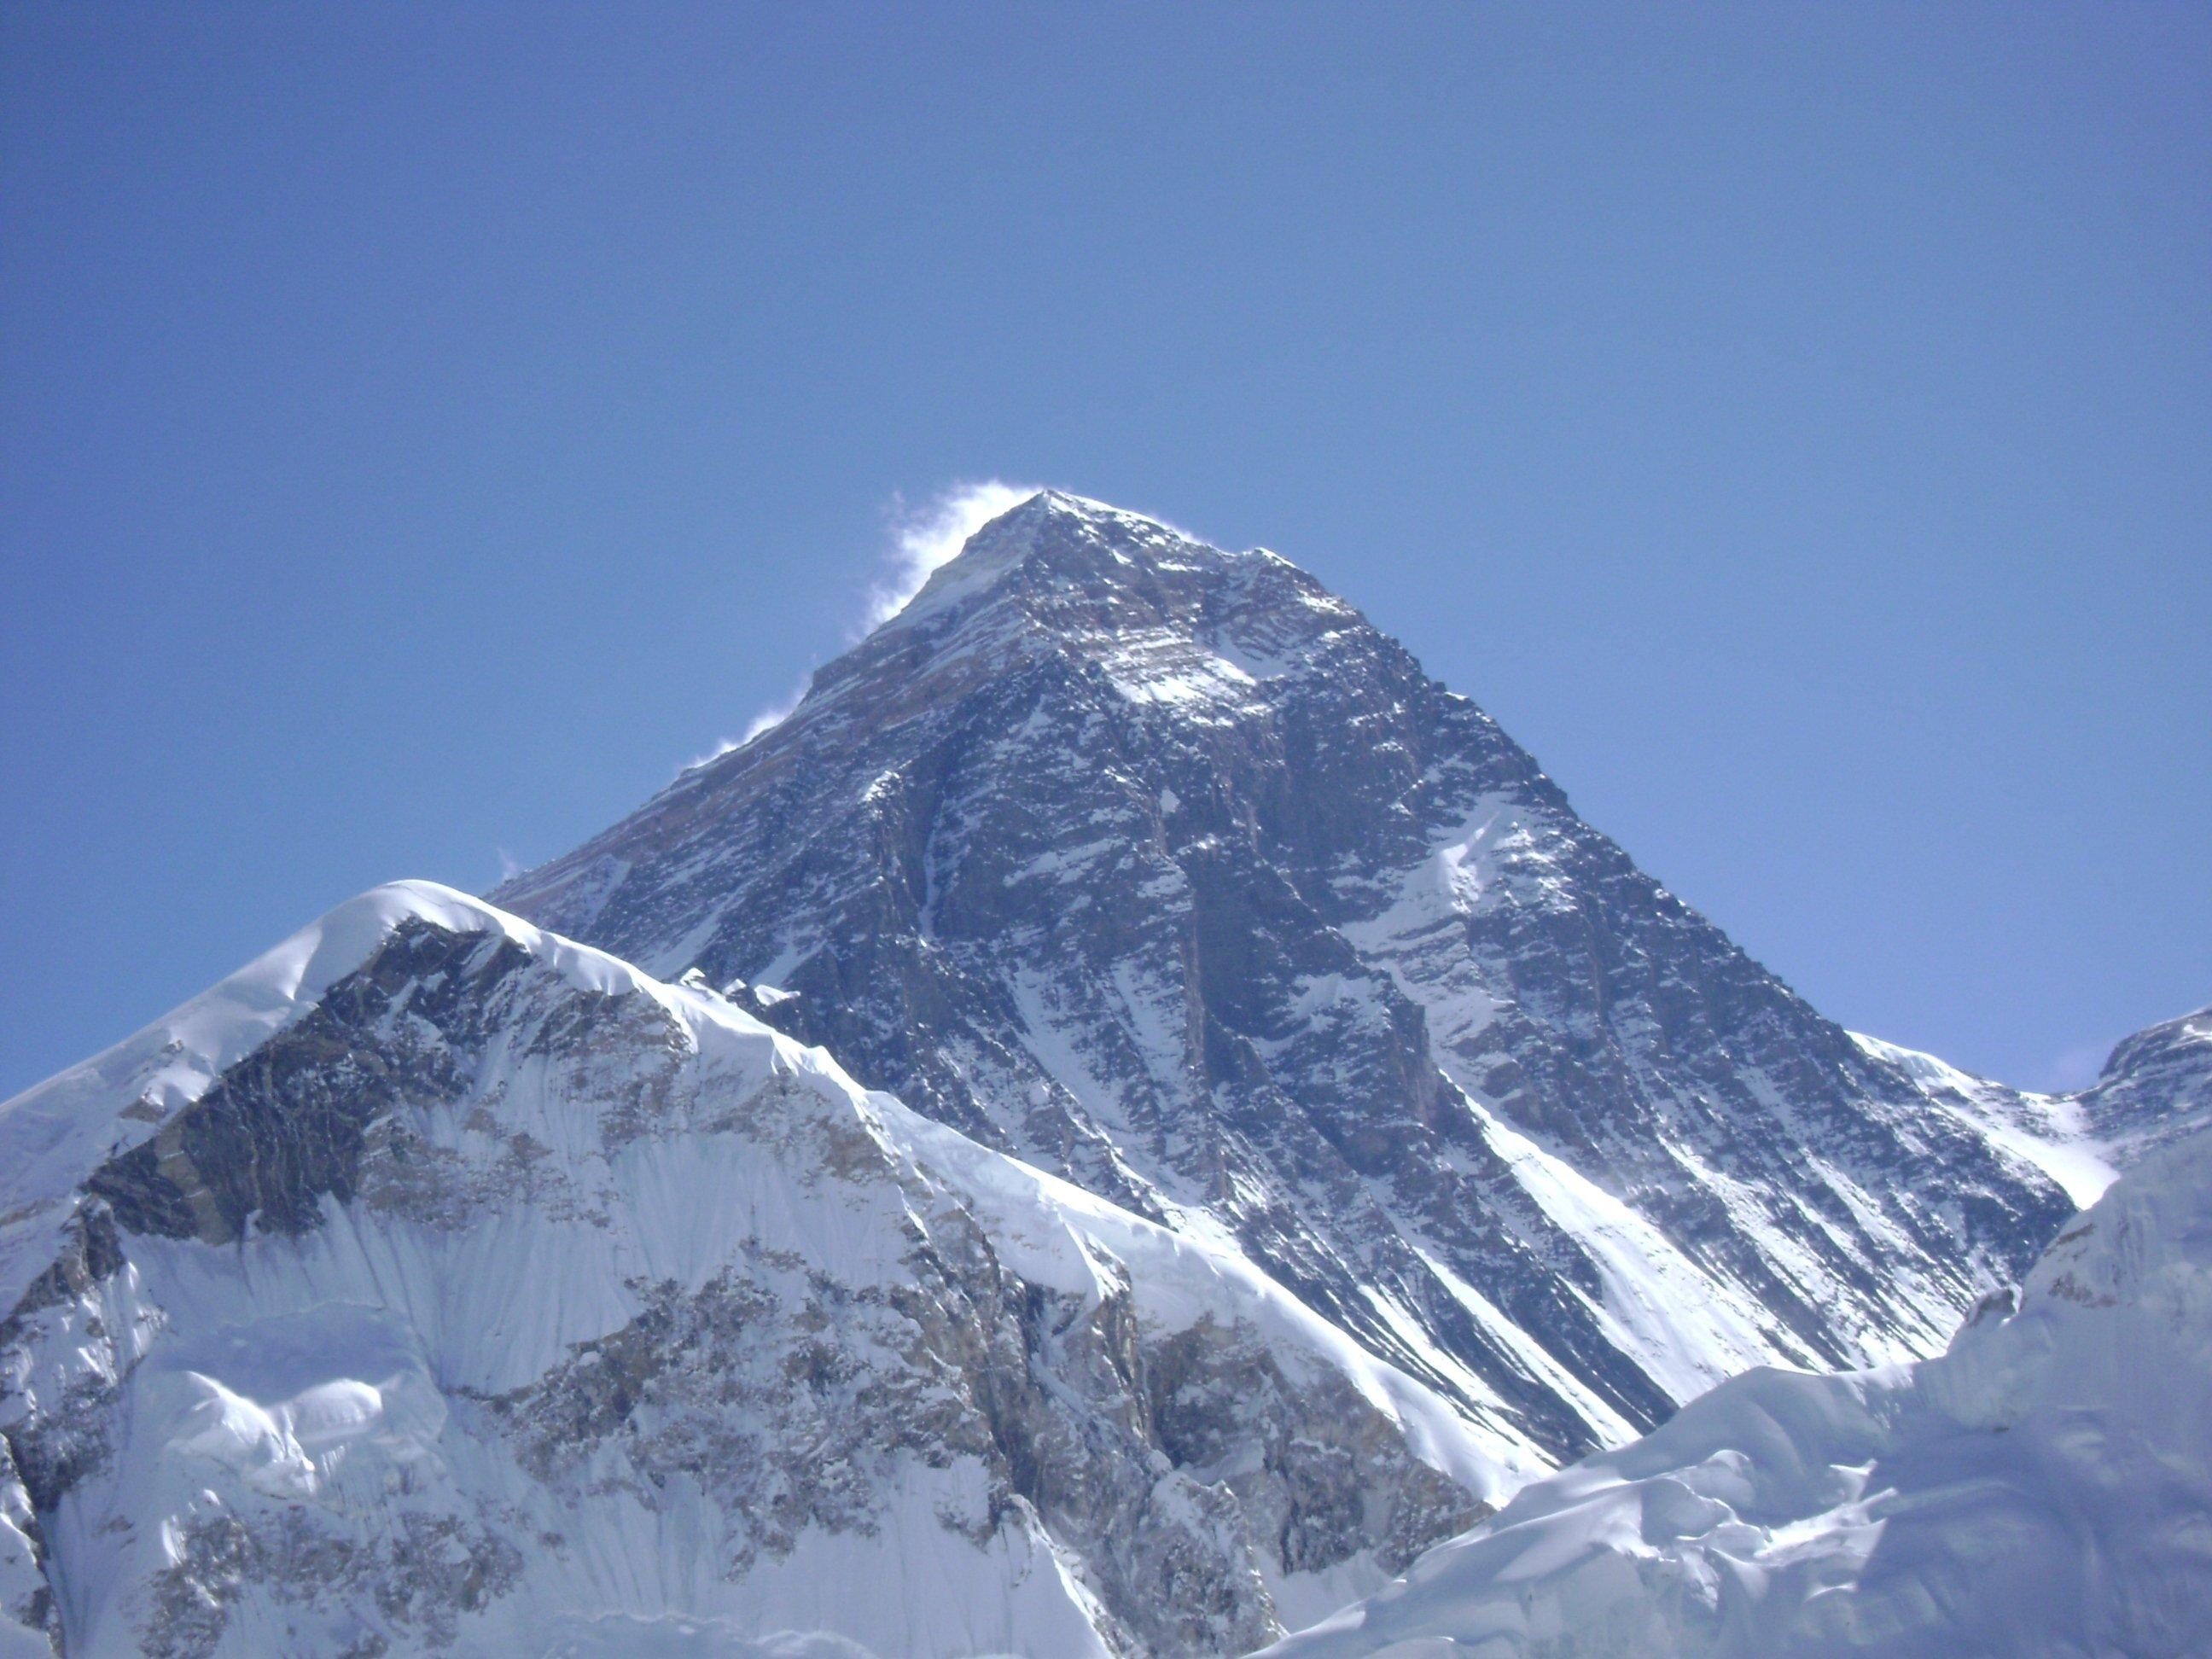 エベレスト登山をするには?方法や必要なもの・注意事項までを網羅!